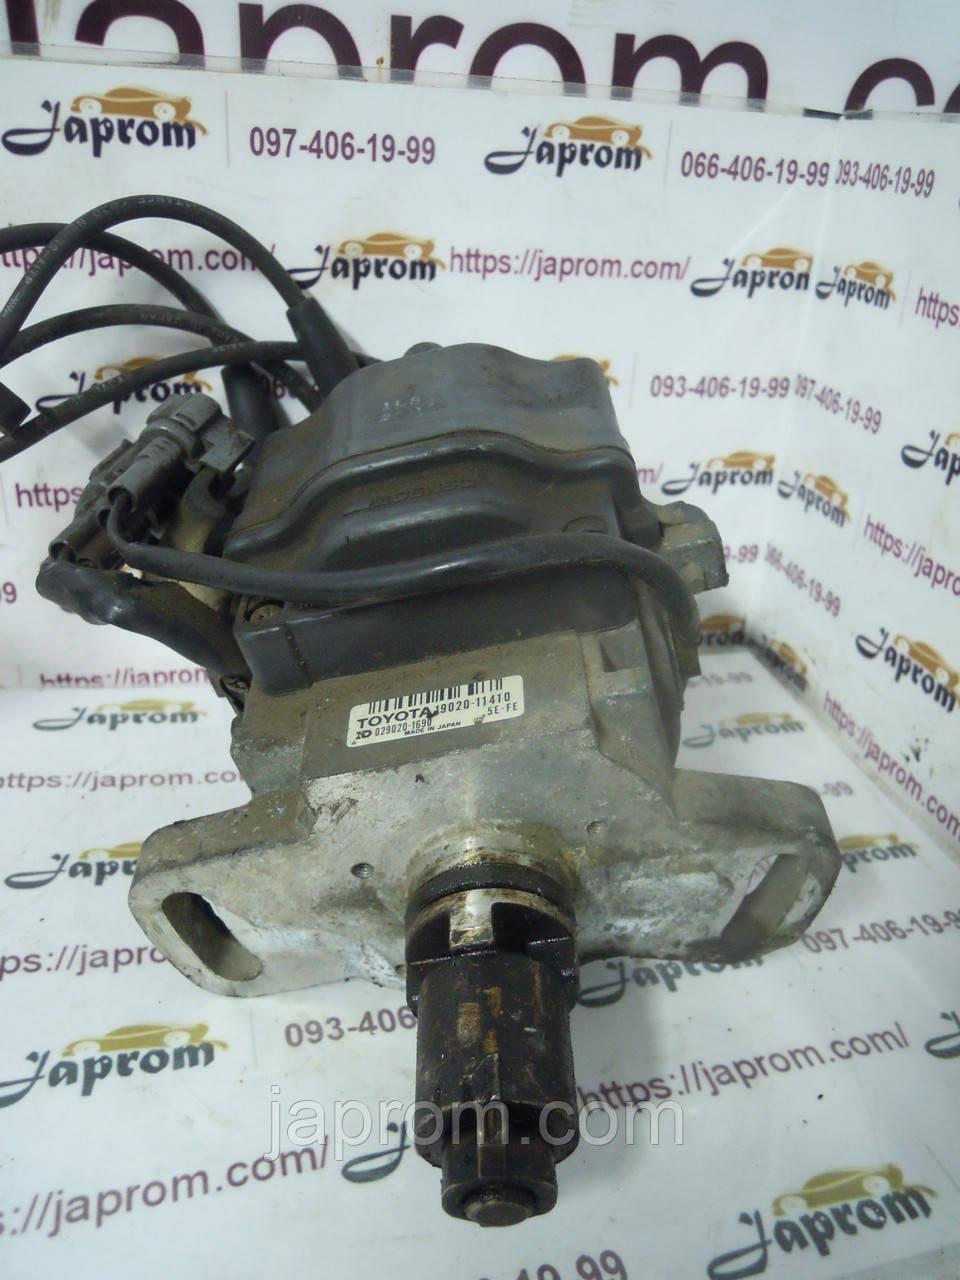 Распределитель (Трамблер) зажигания Toyota Paseo 1995-1999г.в. 1.5 16V 5E-FE